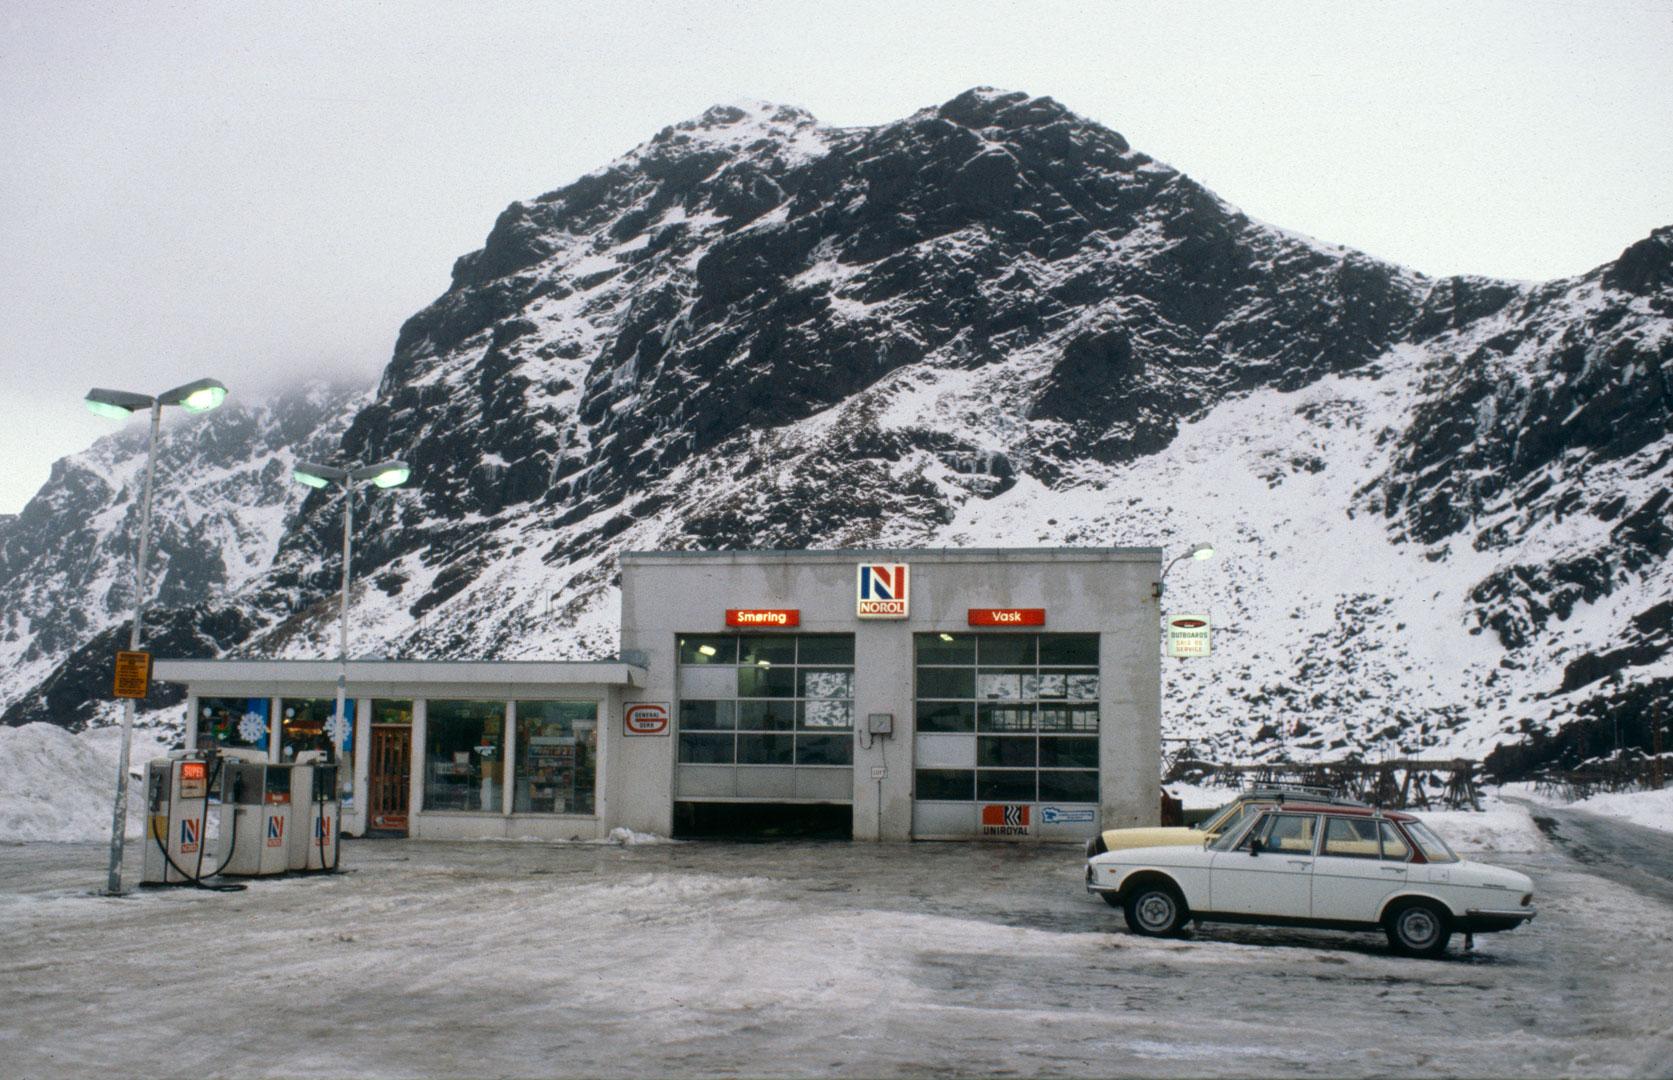 Det skulle ikke være noen tvil om den nasjonale tilhørigheten til Norol-stasjonene, som denne i Stamsund i Lofoten. Bildet er tatt i 1980.